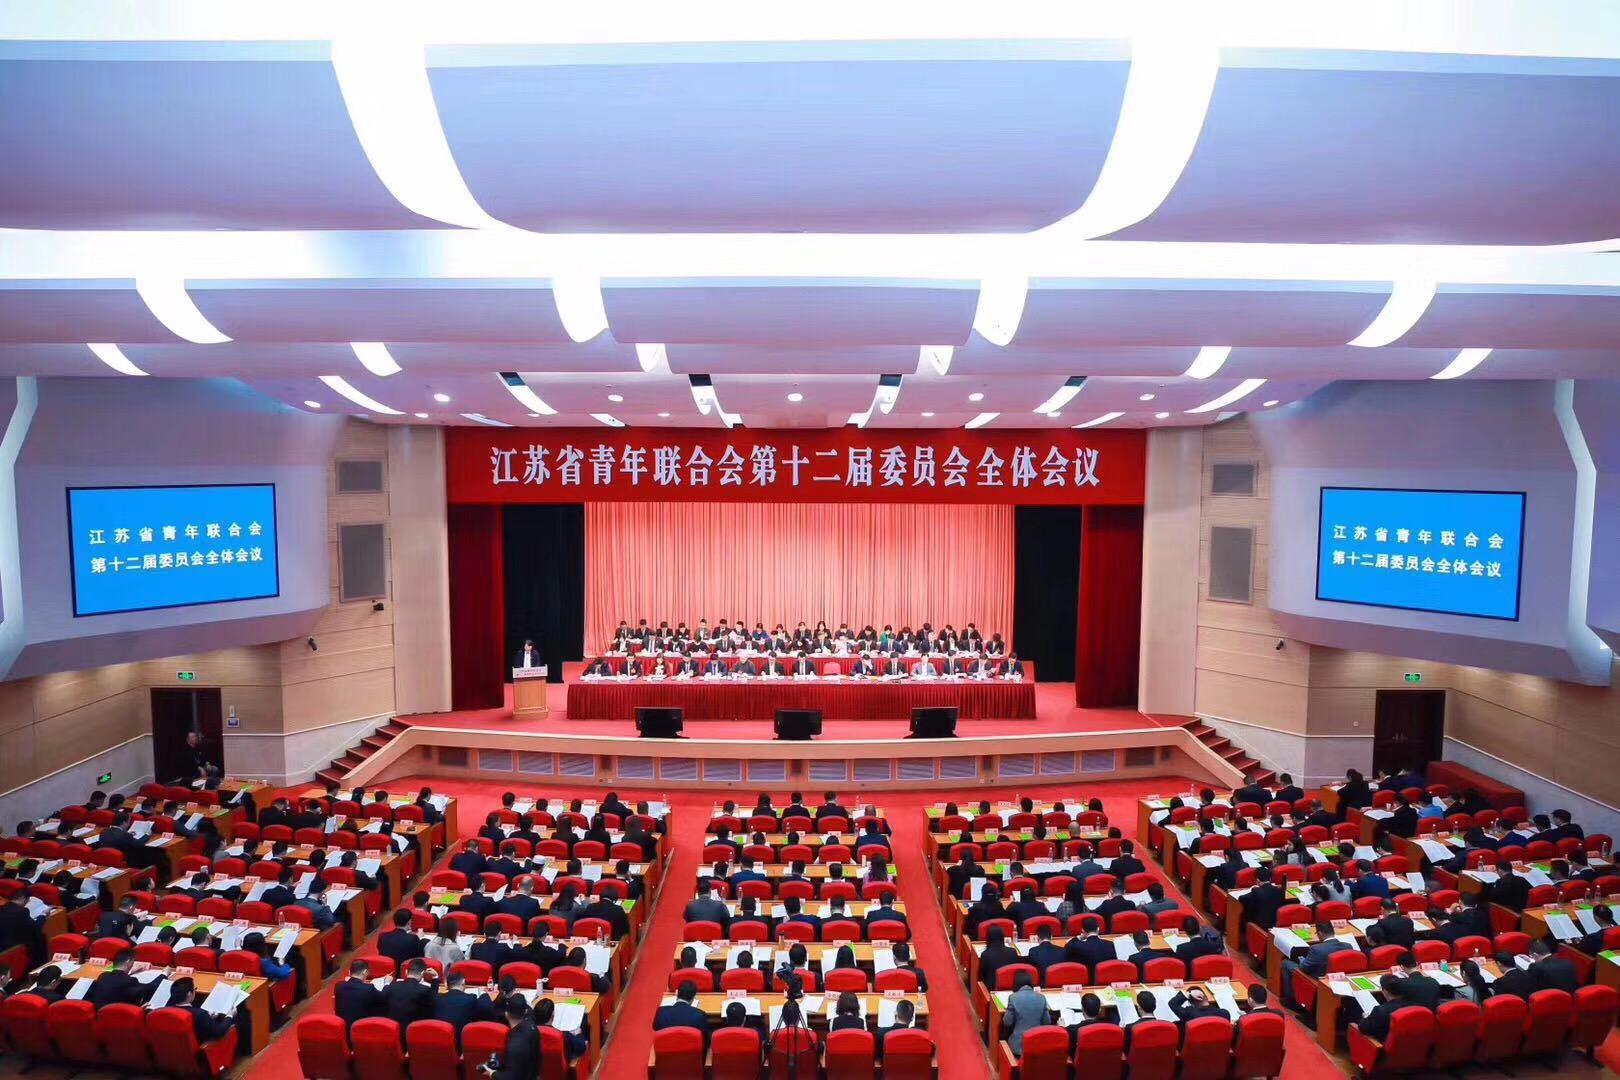 江苏省青年联合会第十二届委员会全体会议在南京召开